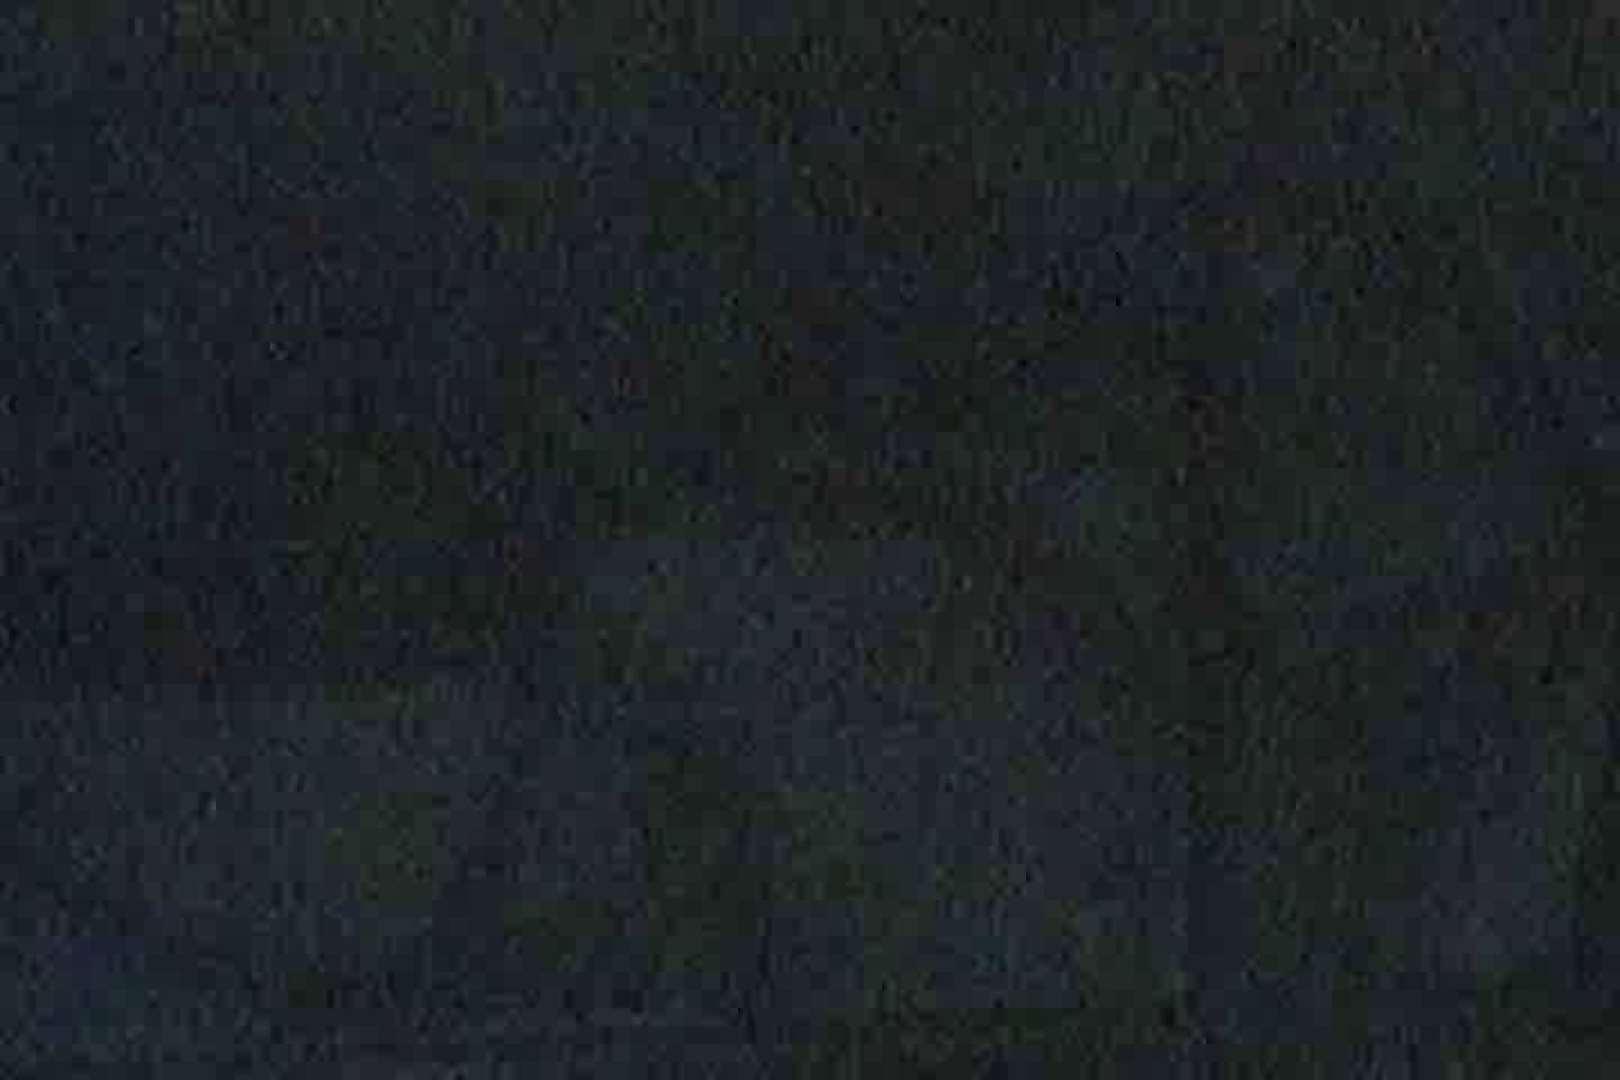 充血監督の深夜の運動会Vol.8 乳首  106画像 5